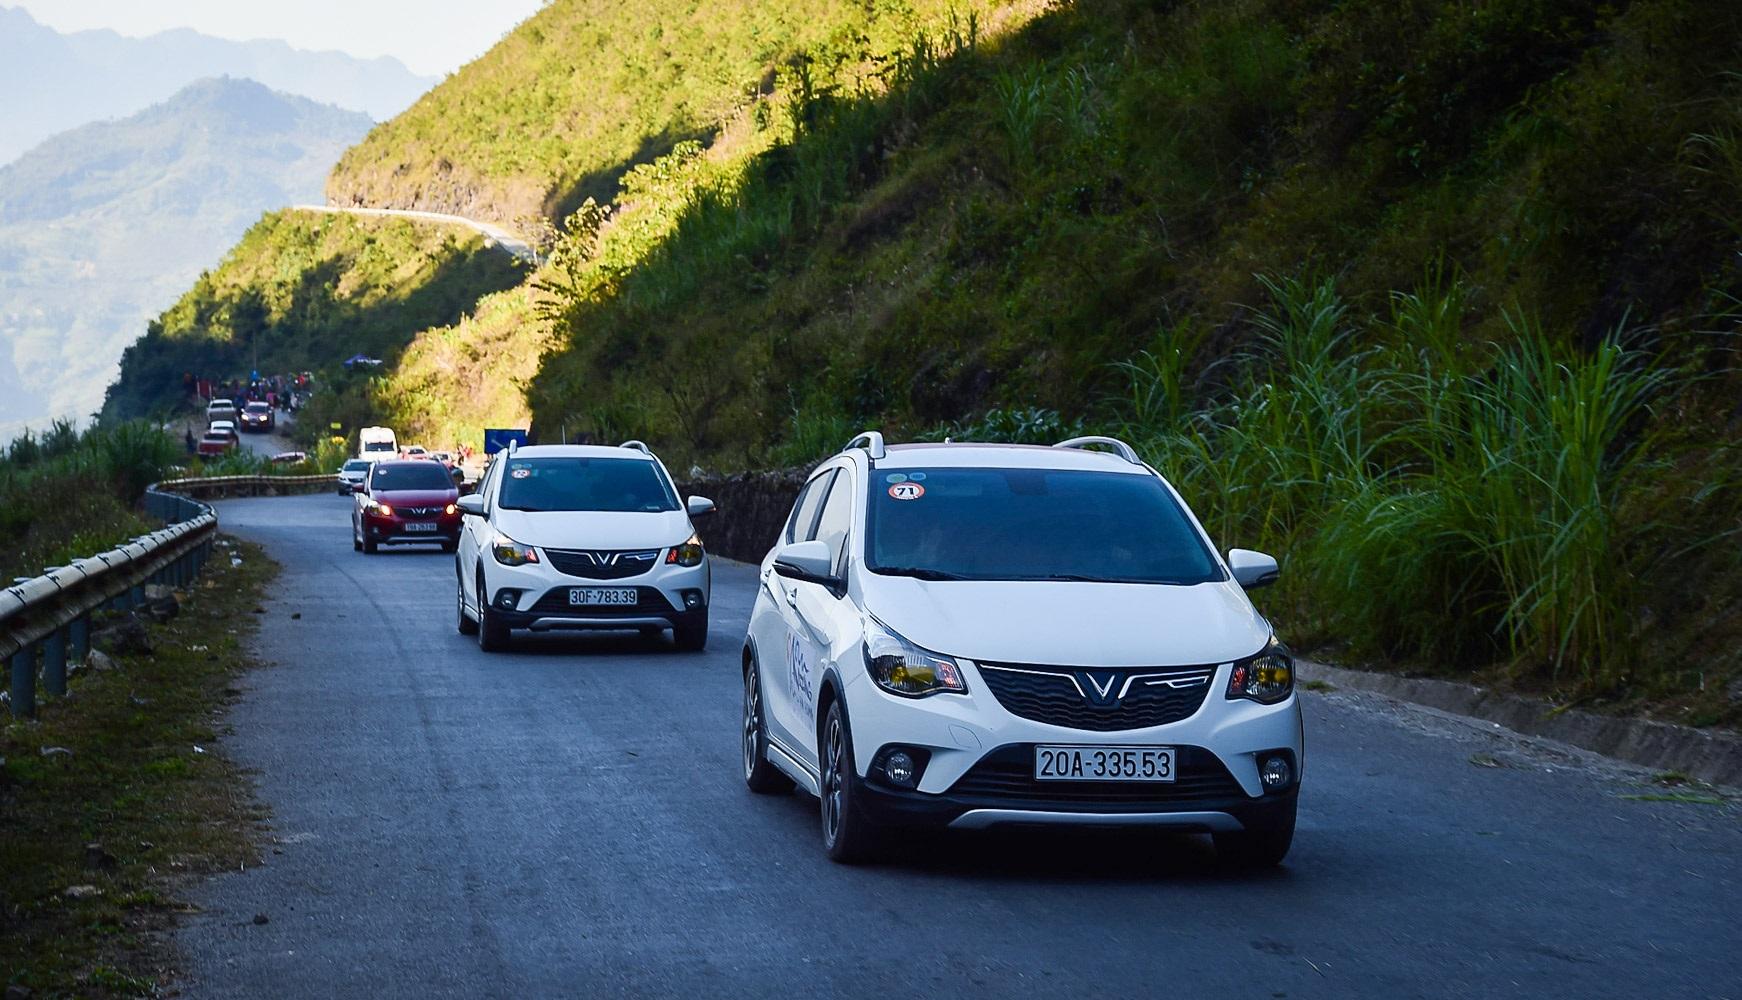 Top 10 xe bán chạy nhất Việt Nam năm 2020 VinFast Fadil là mẫu xe hạng A được ưa chuộng nhất năm 2020 VinFast Fadil ưu đãi tốt nhất từ trước tới nay fadil2.JPG